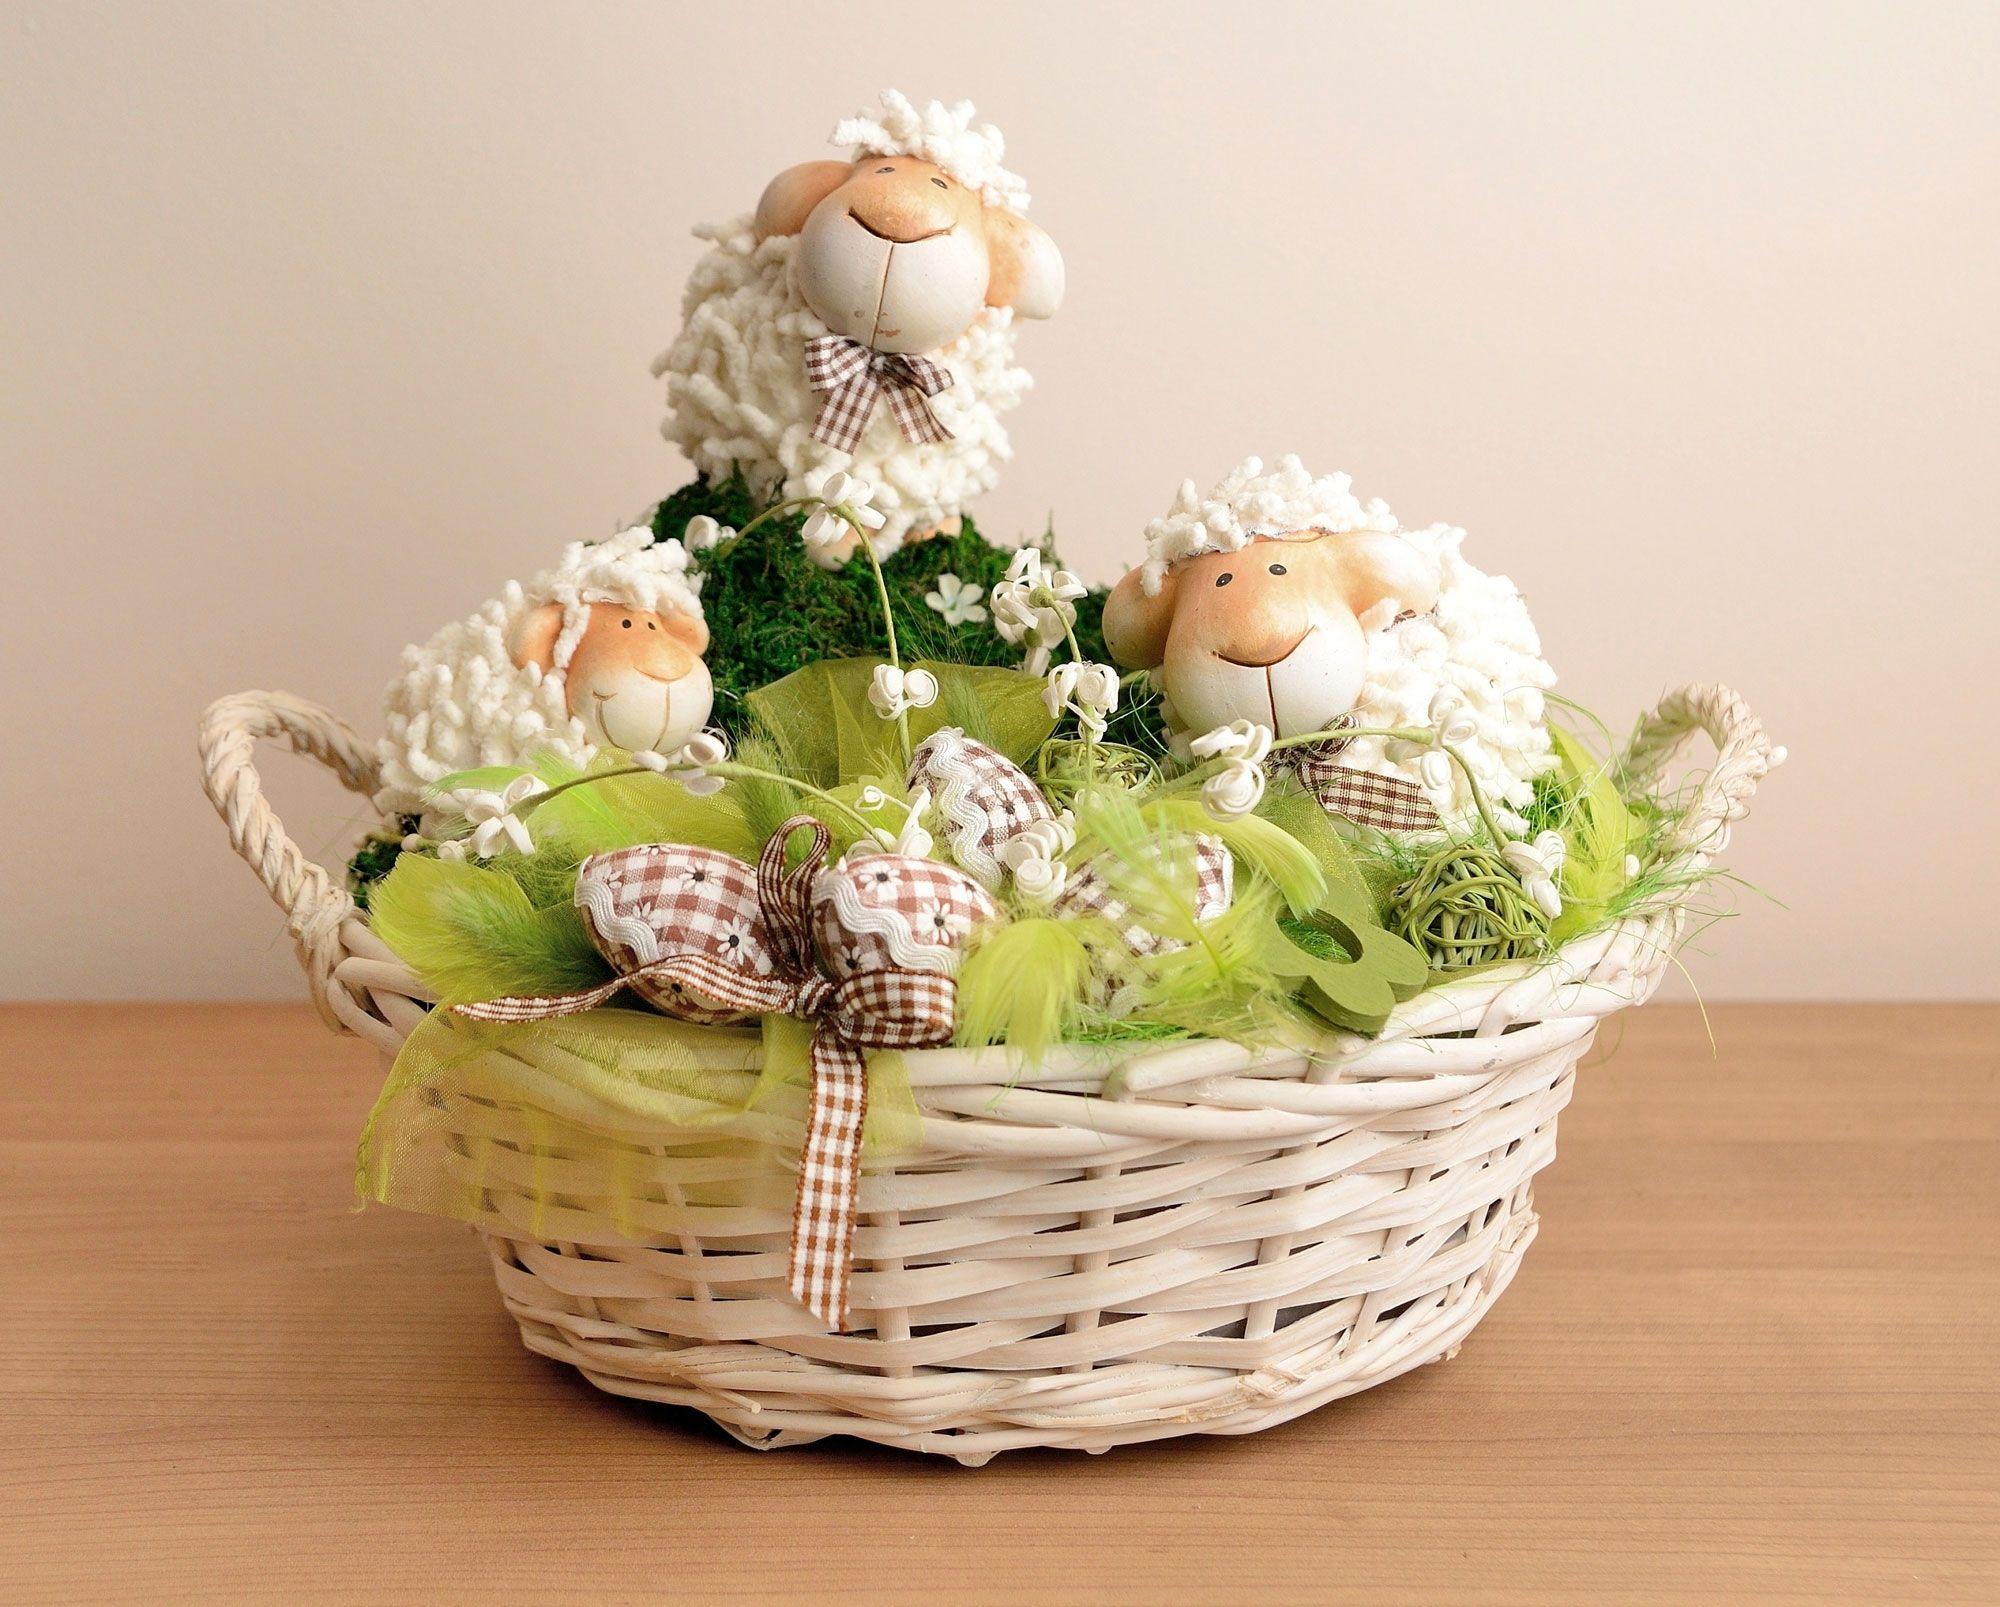 Décoration de Pâques - panier